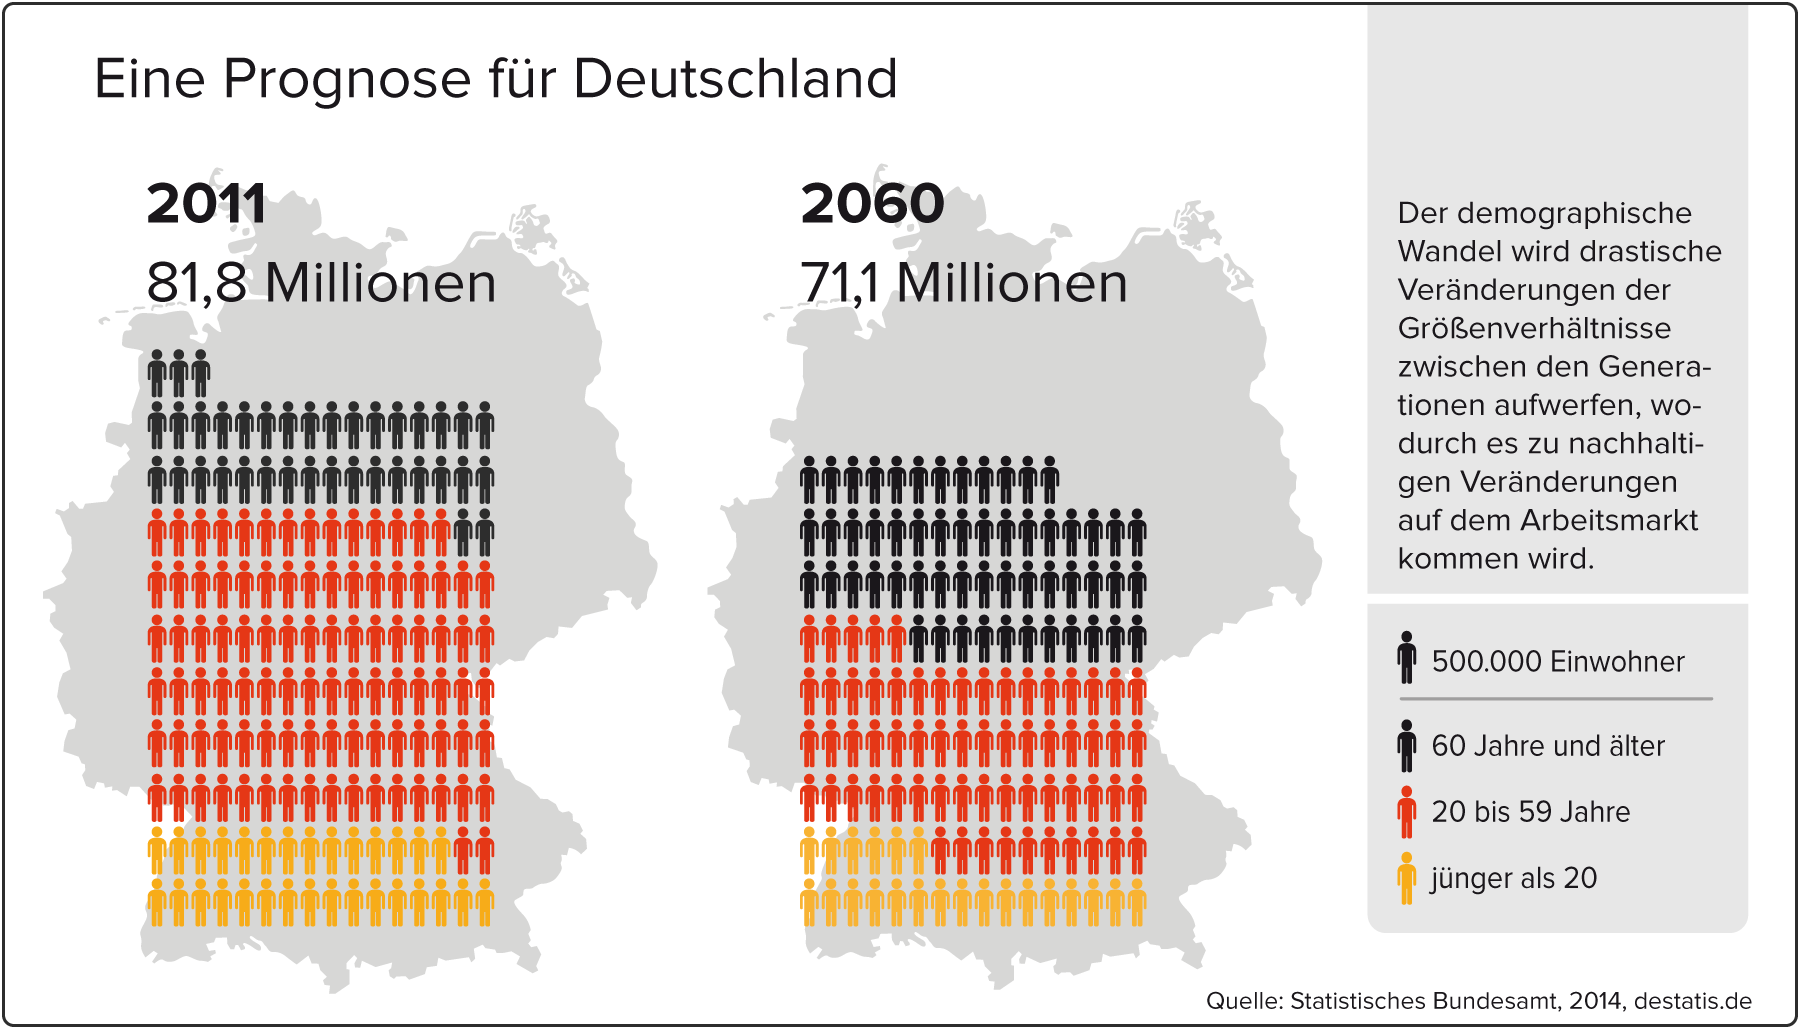 Deutschland_Demographie